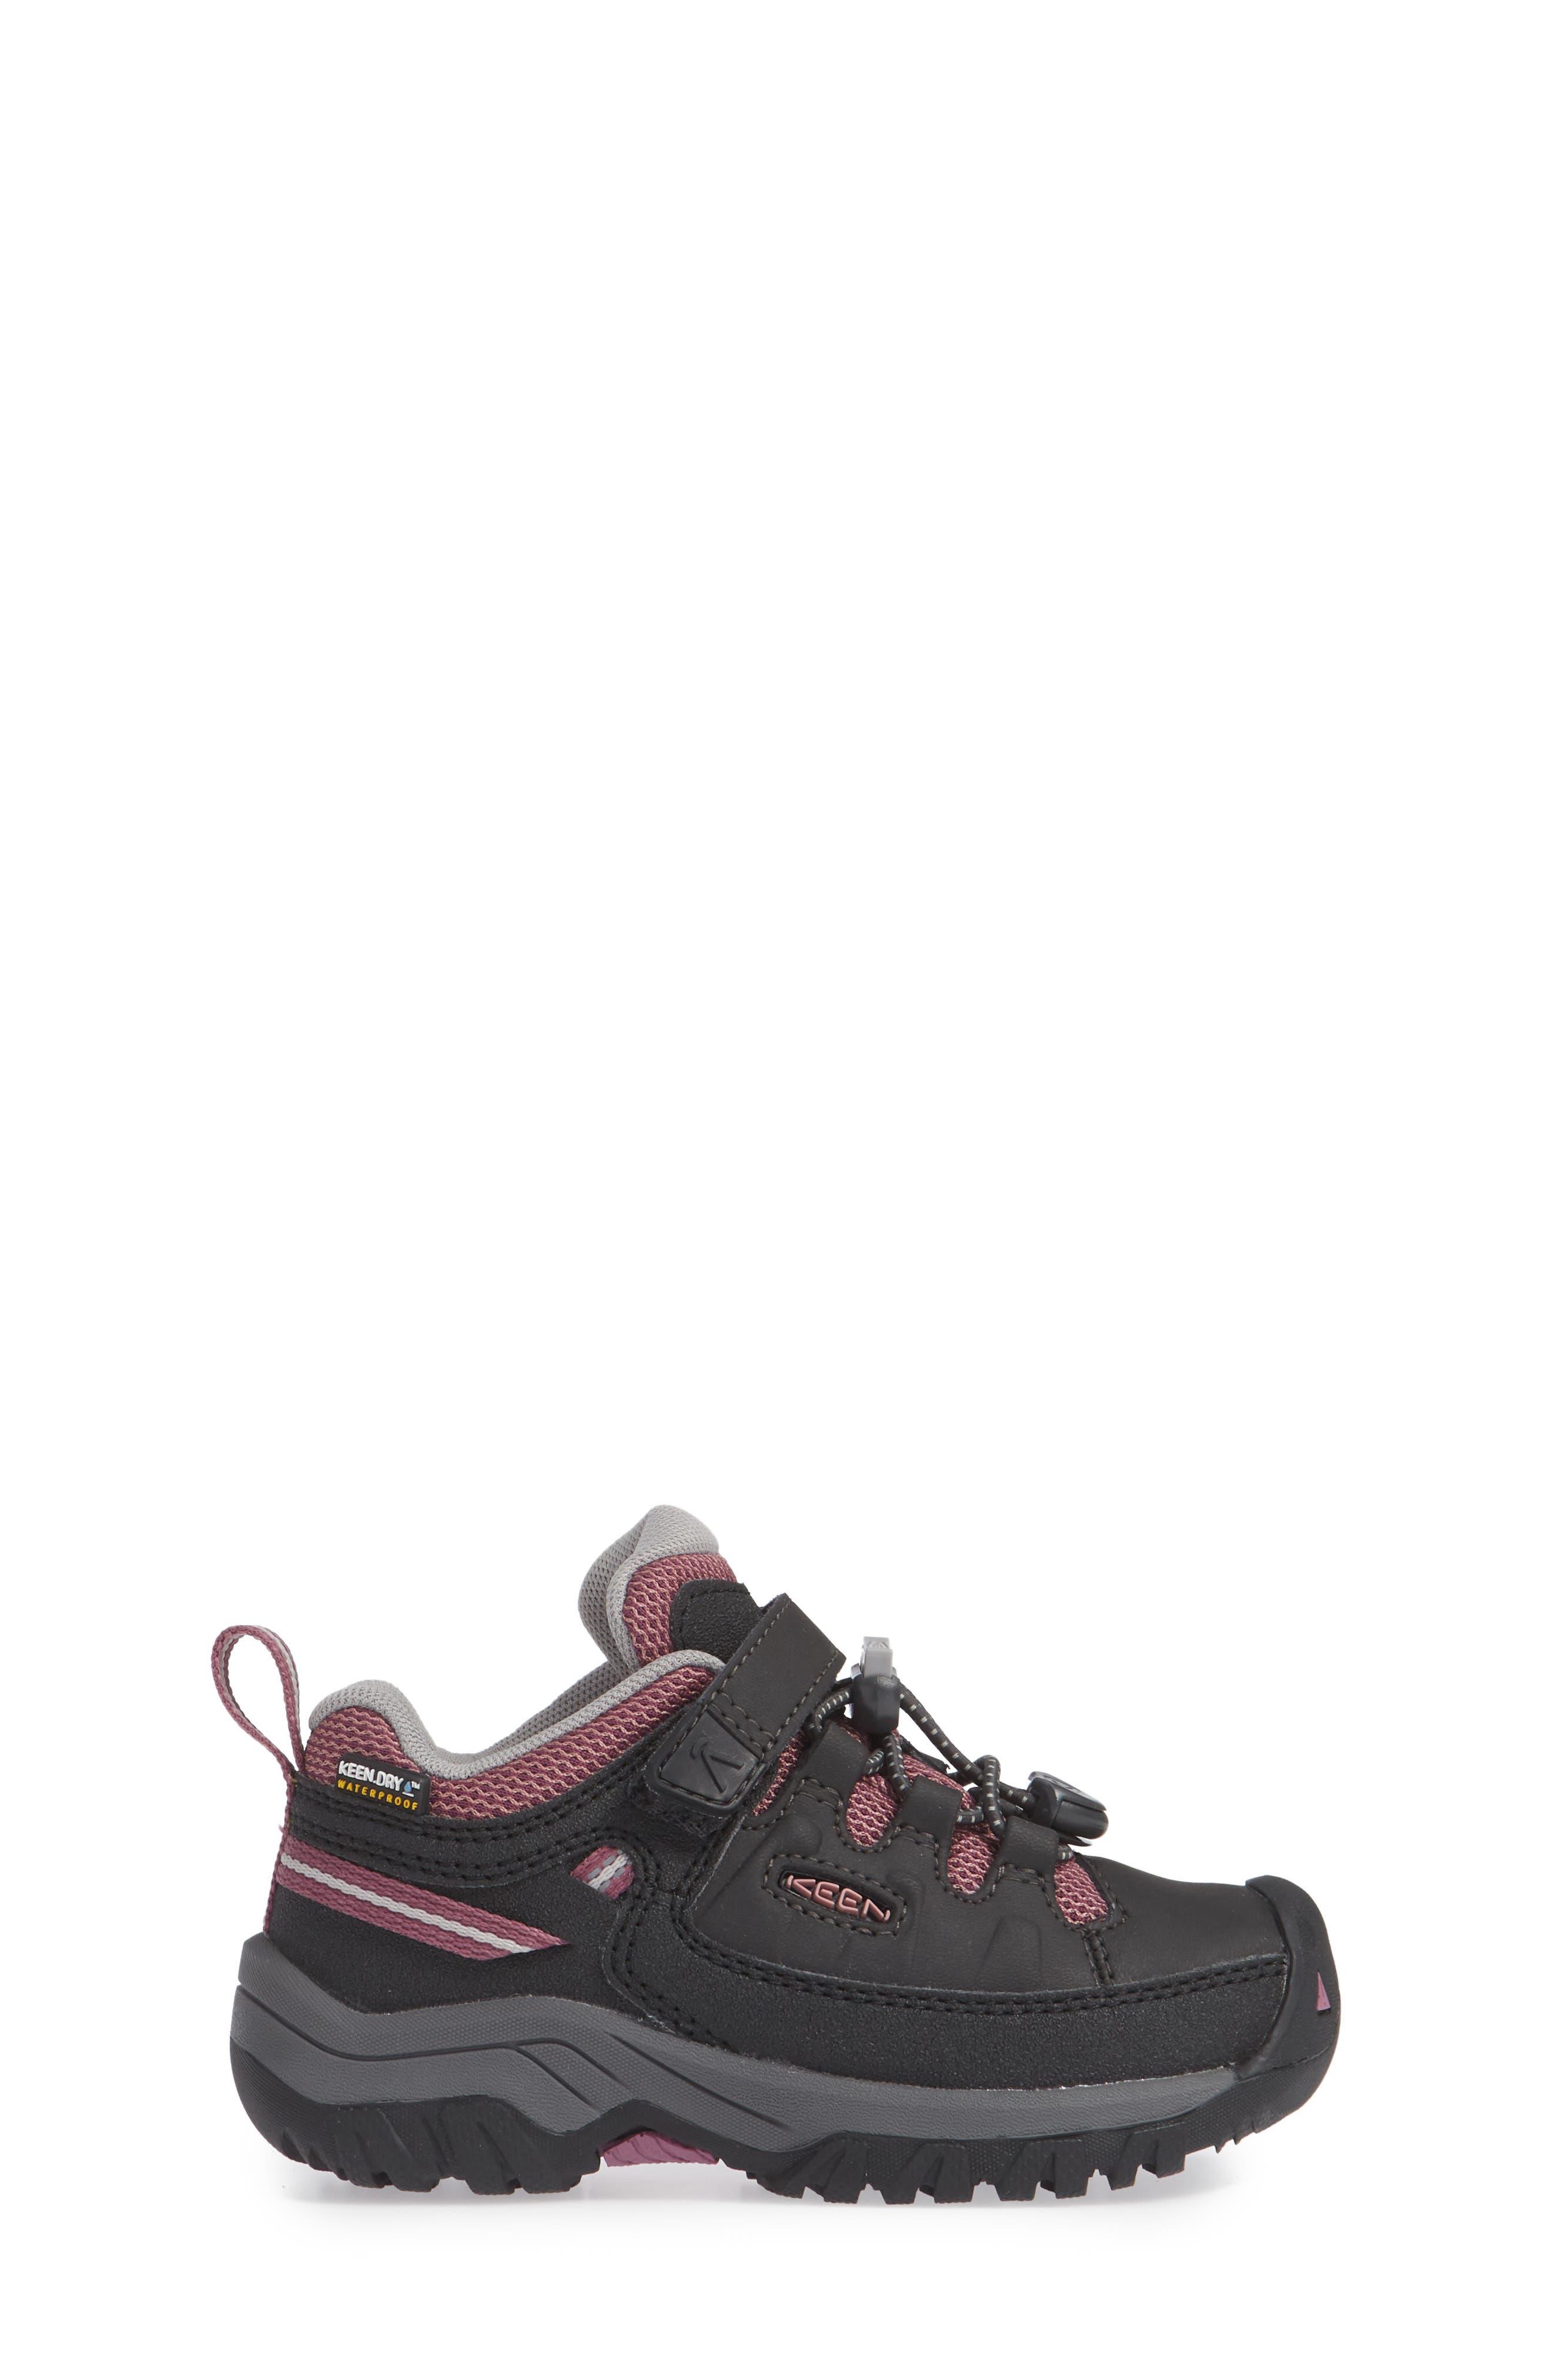 Targhee Low Waterproof Sneaker,                             Alternate thumbnail 3, color,                             RAVEN/ TULIPWOOD